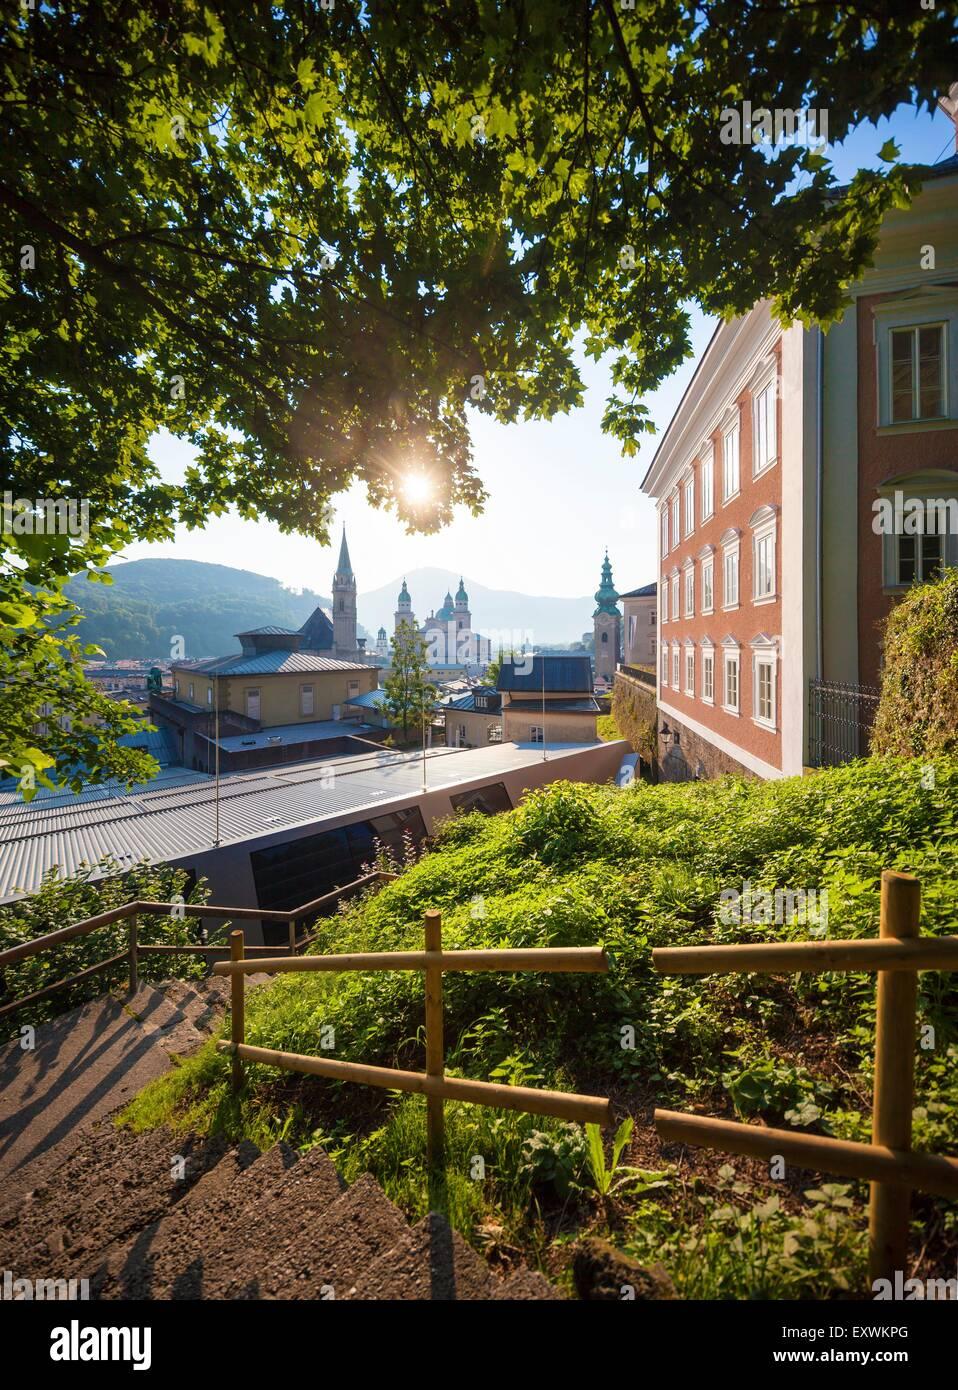 View from Stefan Zweig Center to Felsenreitschule, Salzburg, Austria - Stock Image